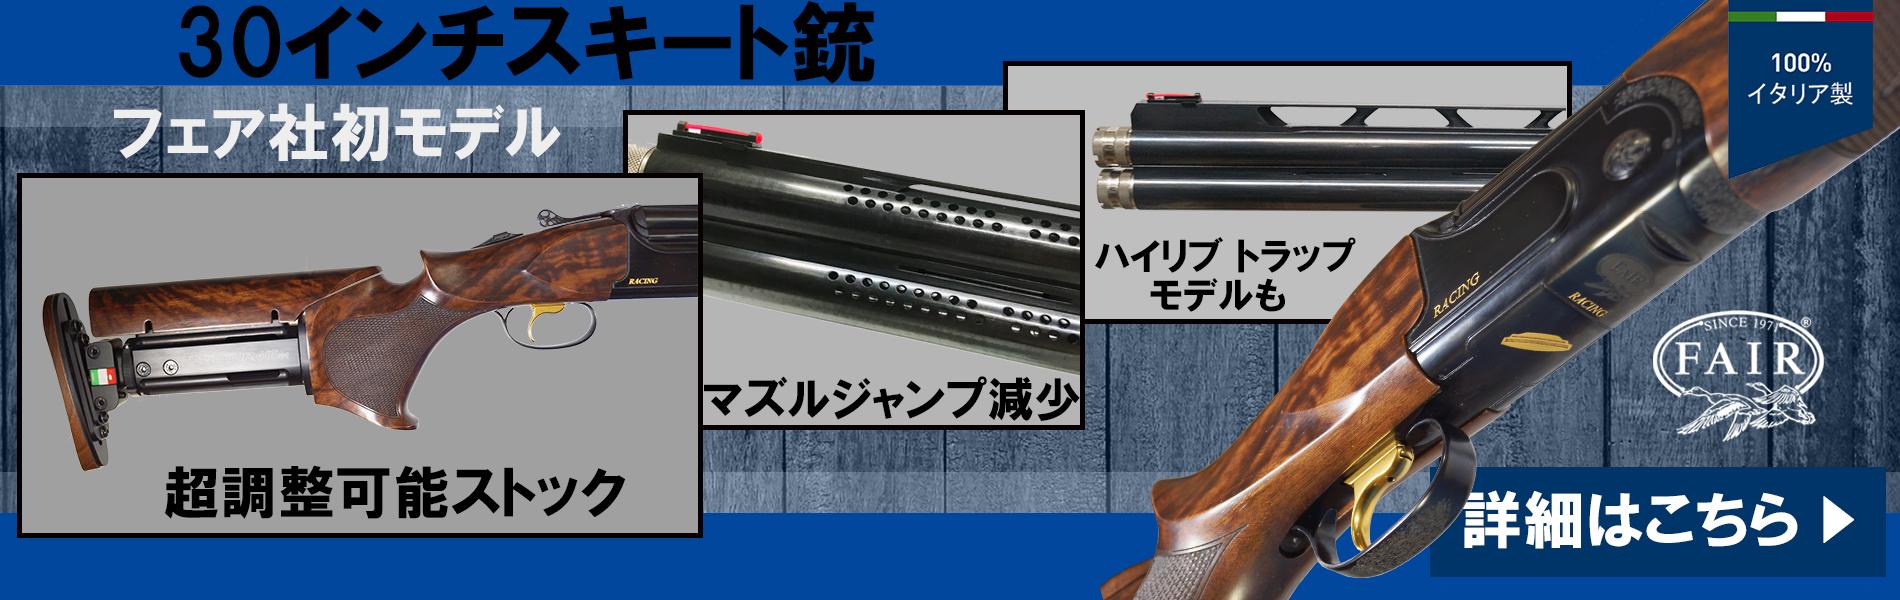 プロ・レーシング・ジャパン